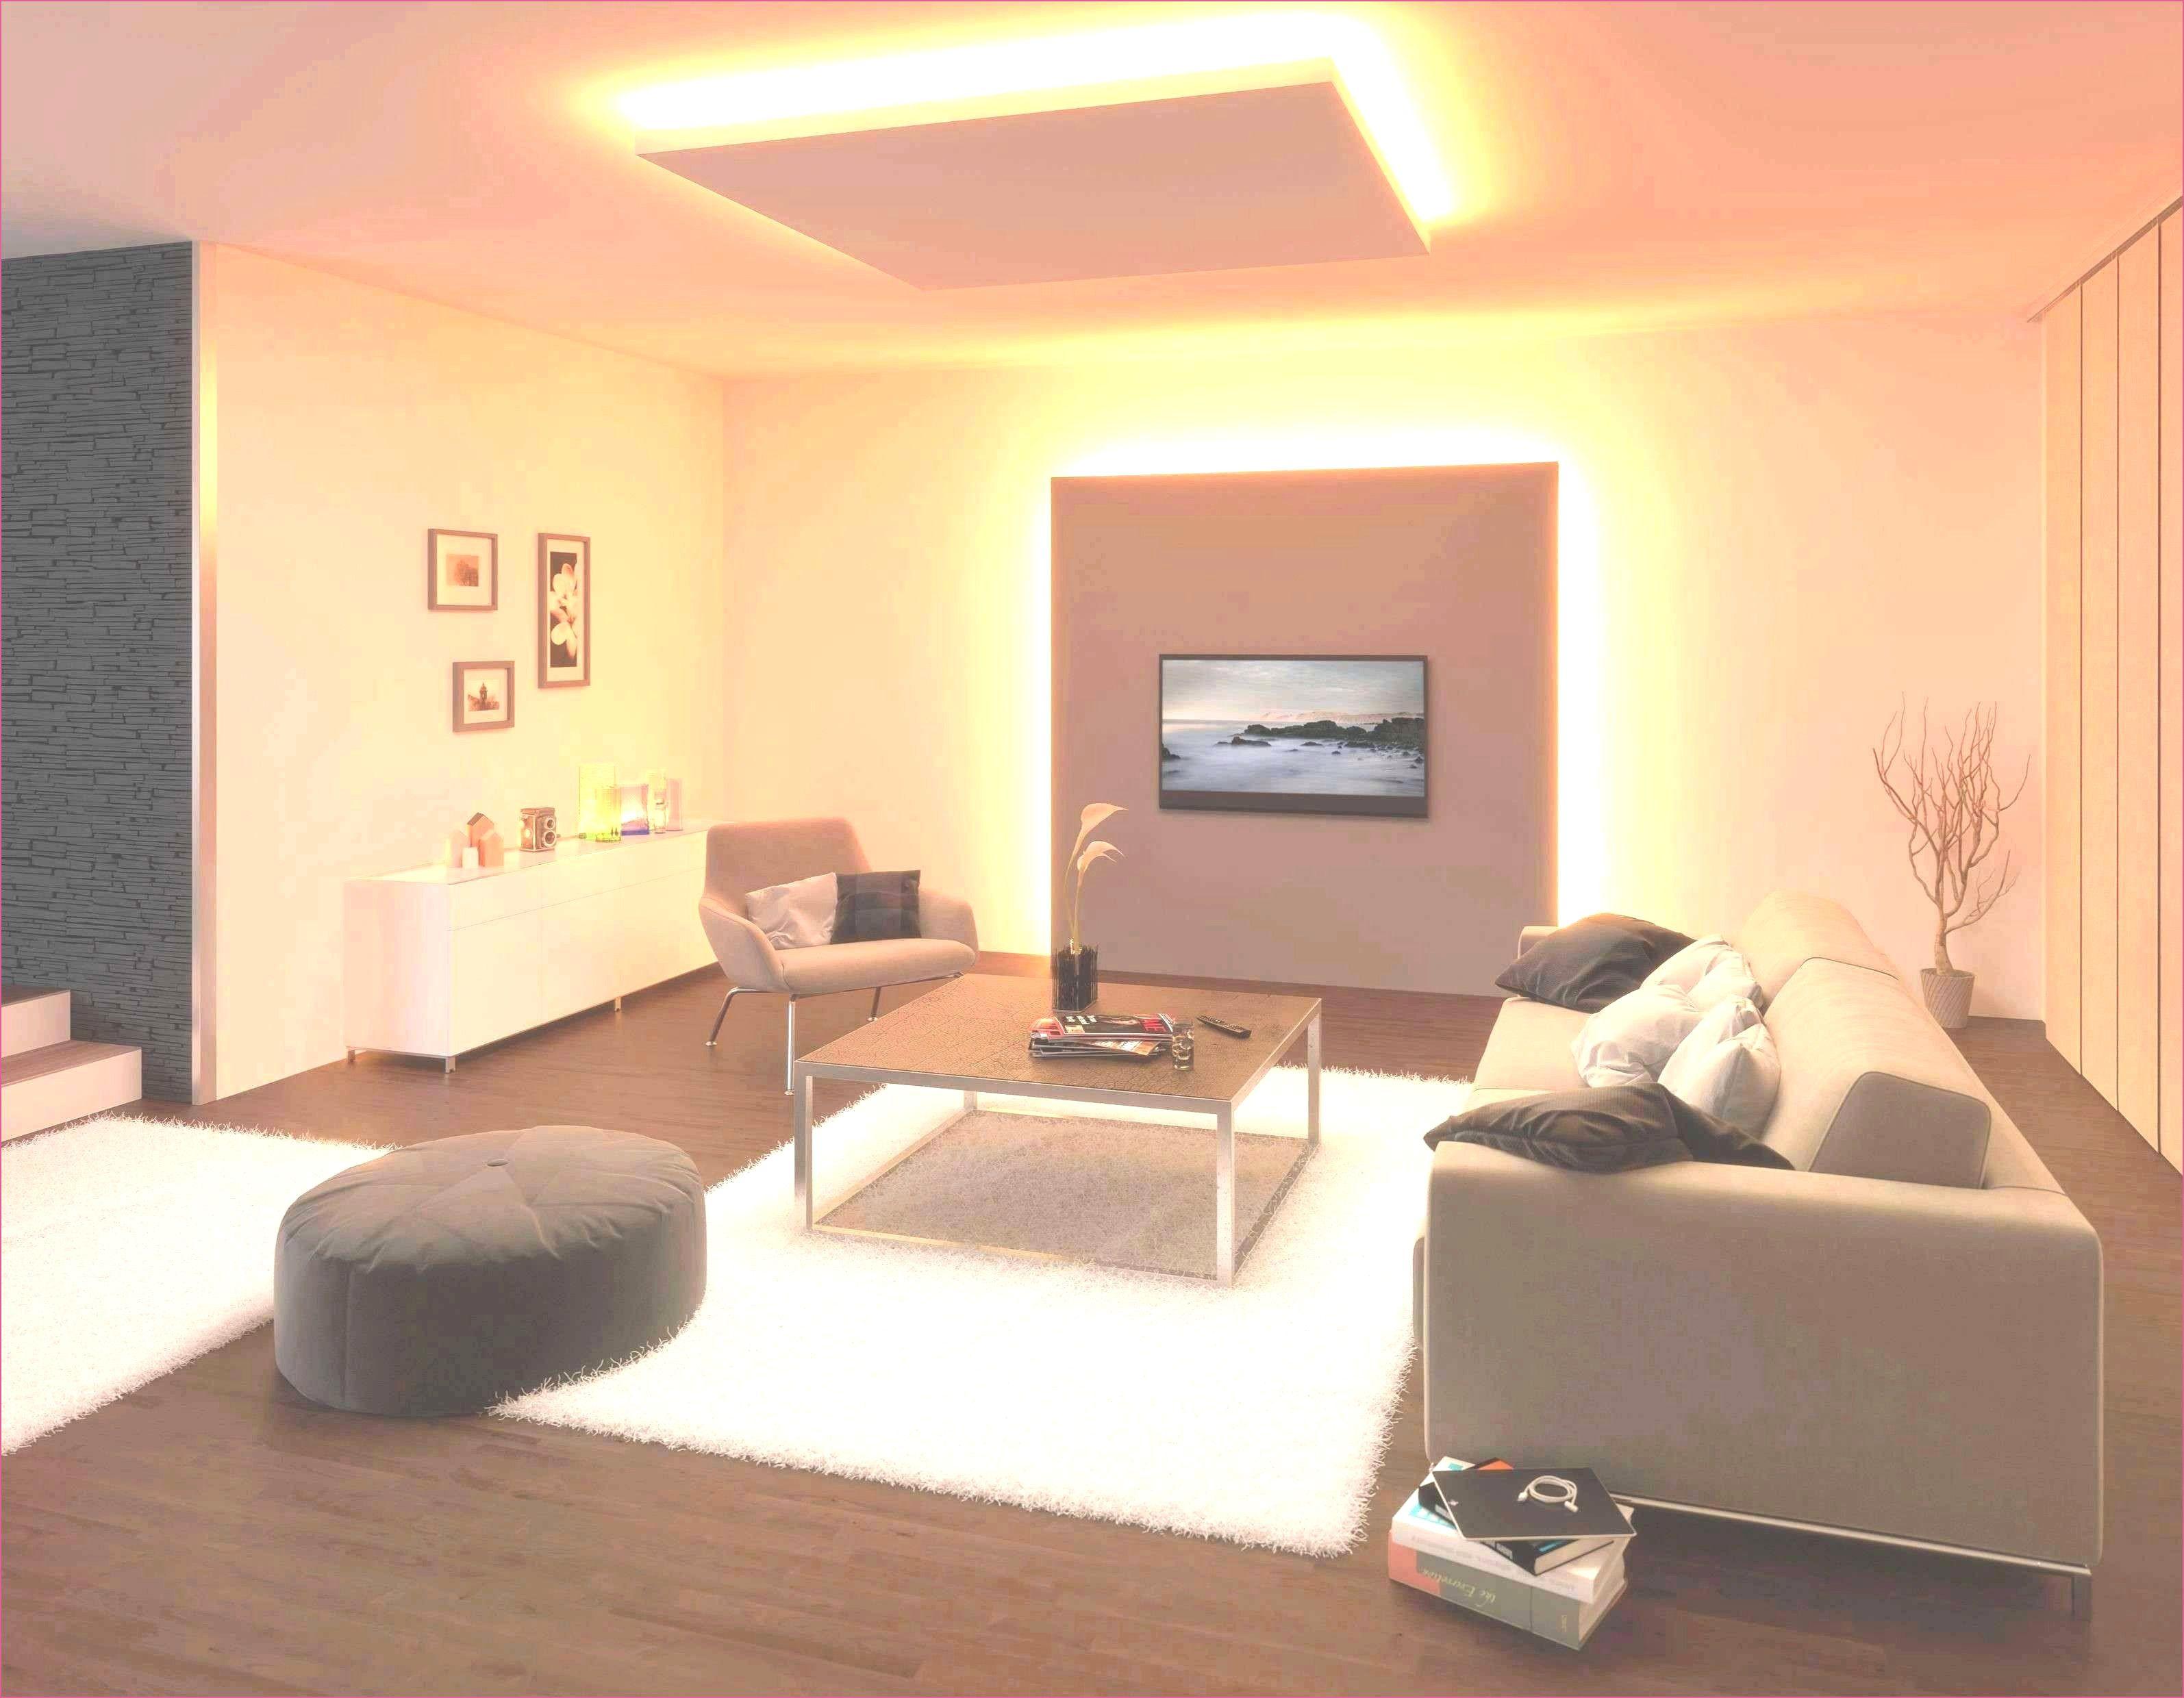 Lampen Landhausstil Holz Lampen Aus Holz Kaufen Moderne Leuchten Von Massivum Lampen Im Line In 2020 Deckenbeleuchtung Wohnzimmer Wohnzimmer Modern Wohnzimmer Planen